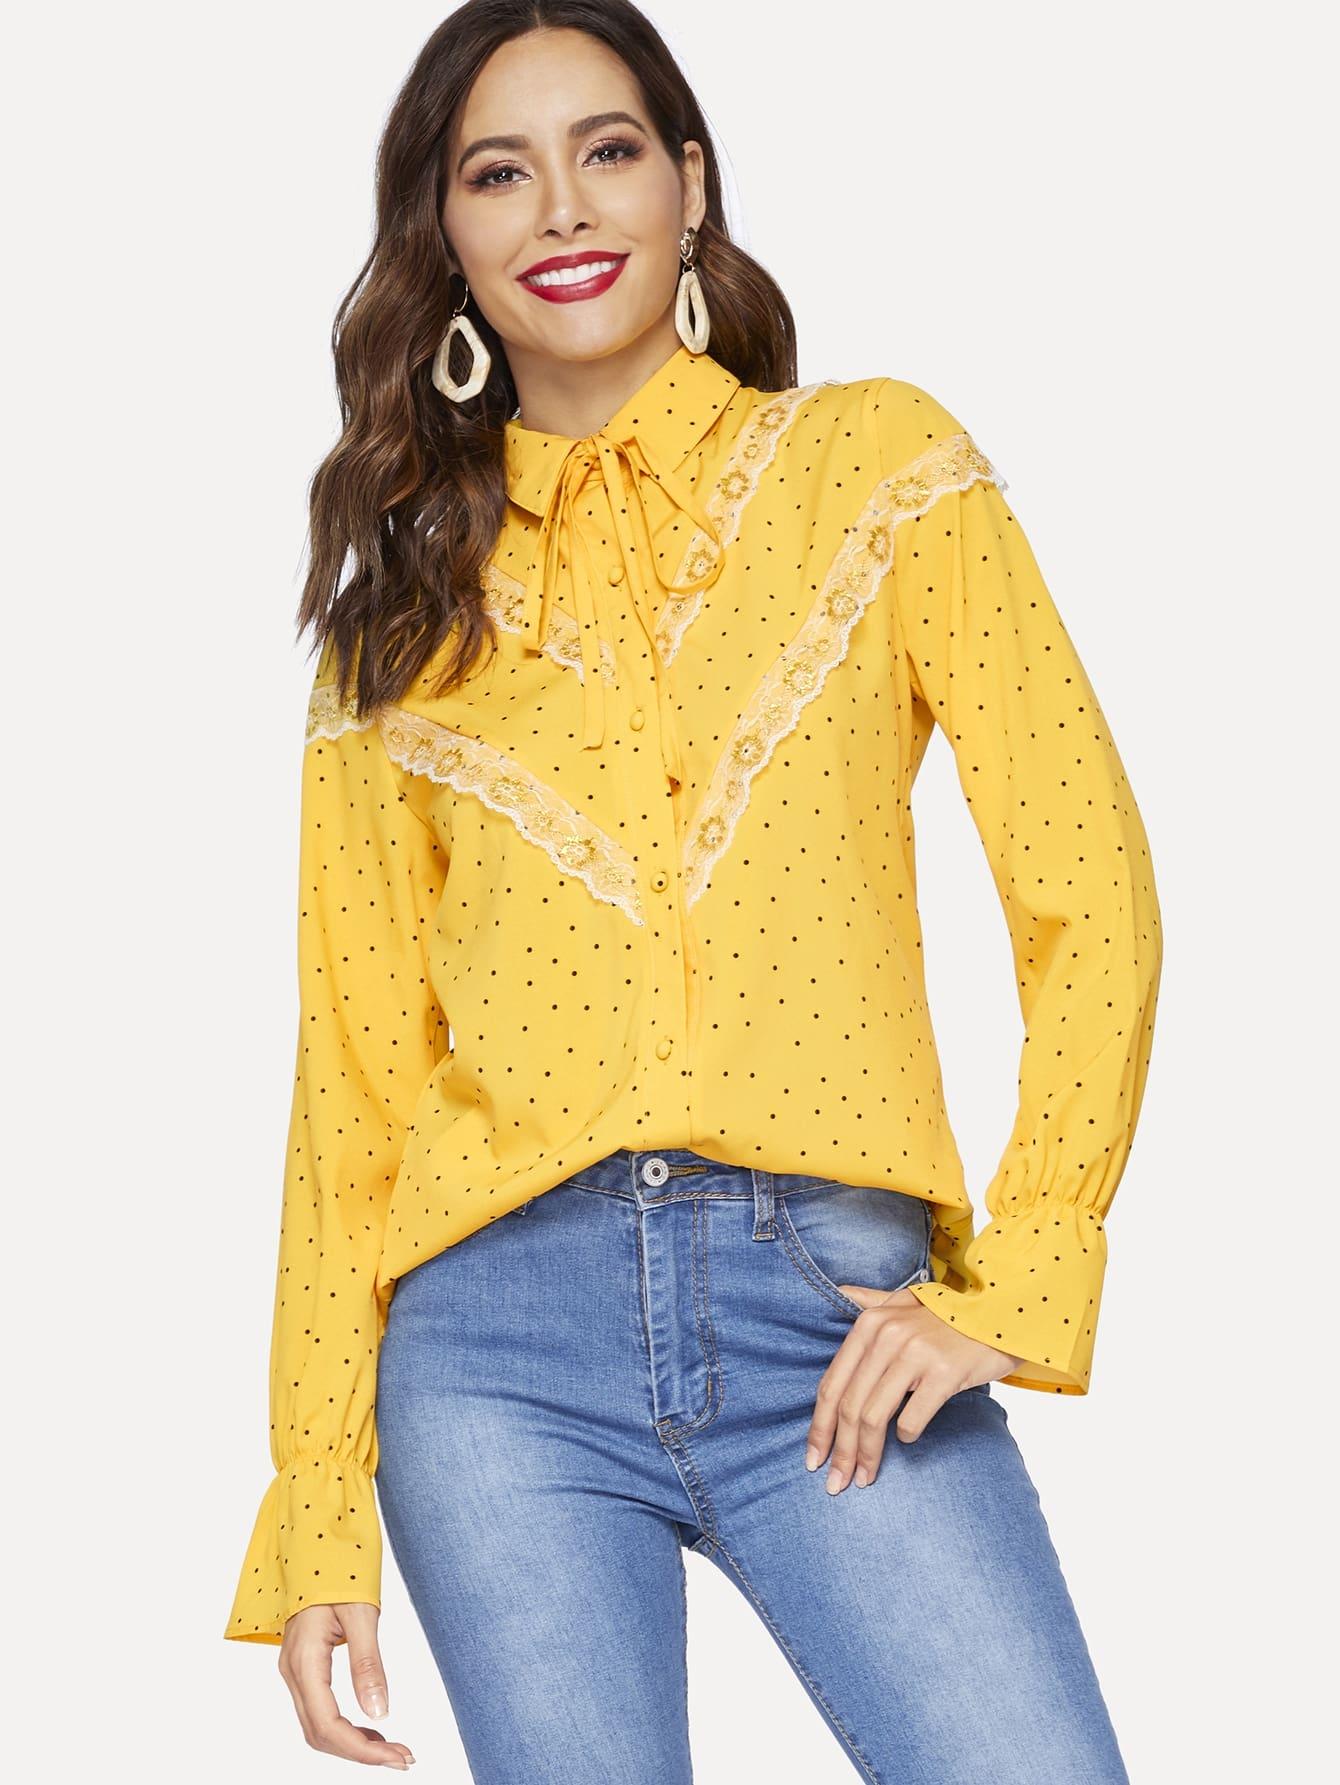 Купить Рубашка в горошек с завязкой на шее и оборками на рукавах, Giulia, SheIn